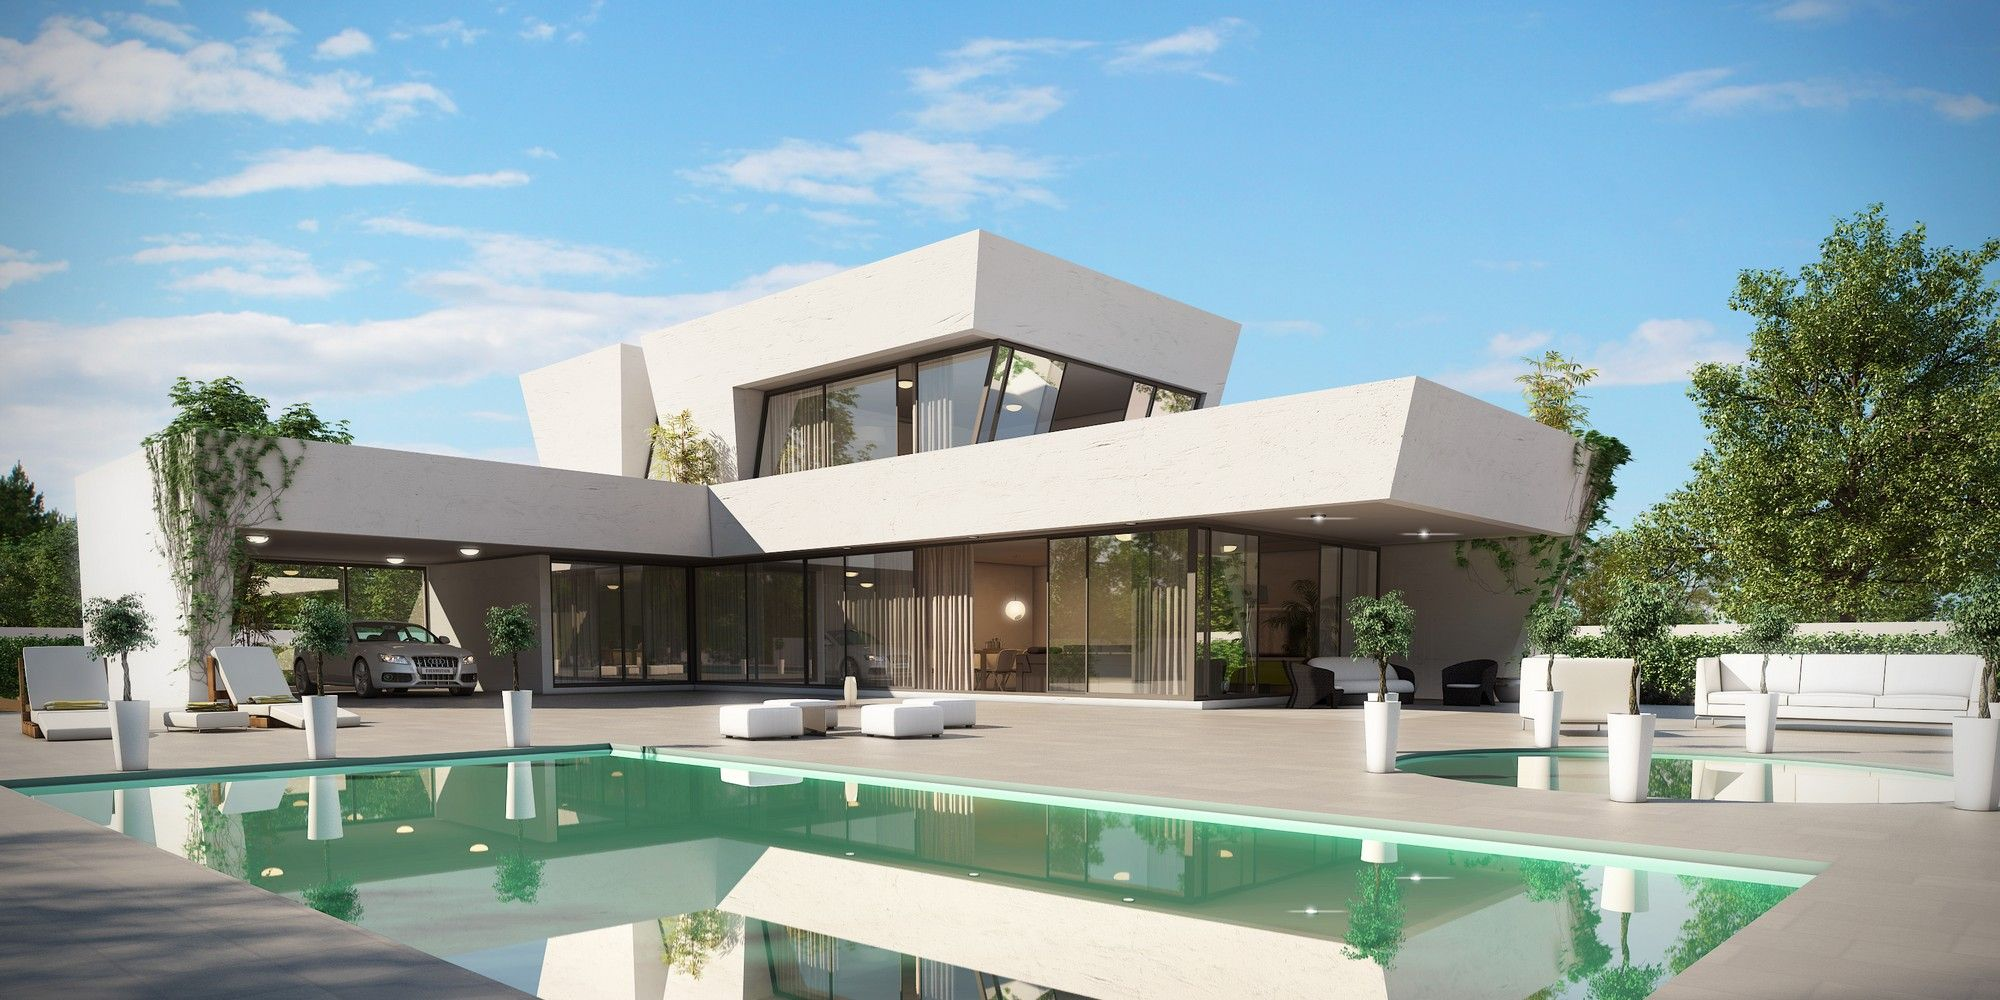 Dise o ideal para parcelas estrechas casas modernas - Disenos de casas modernas ...